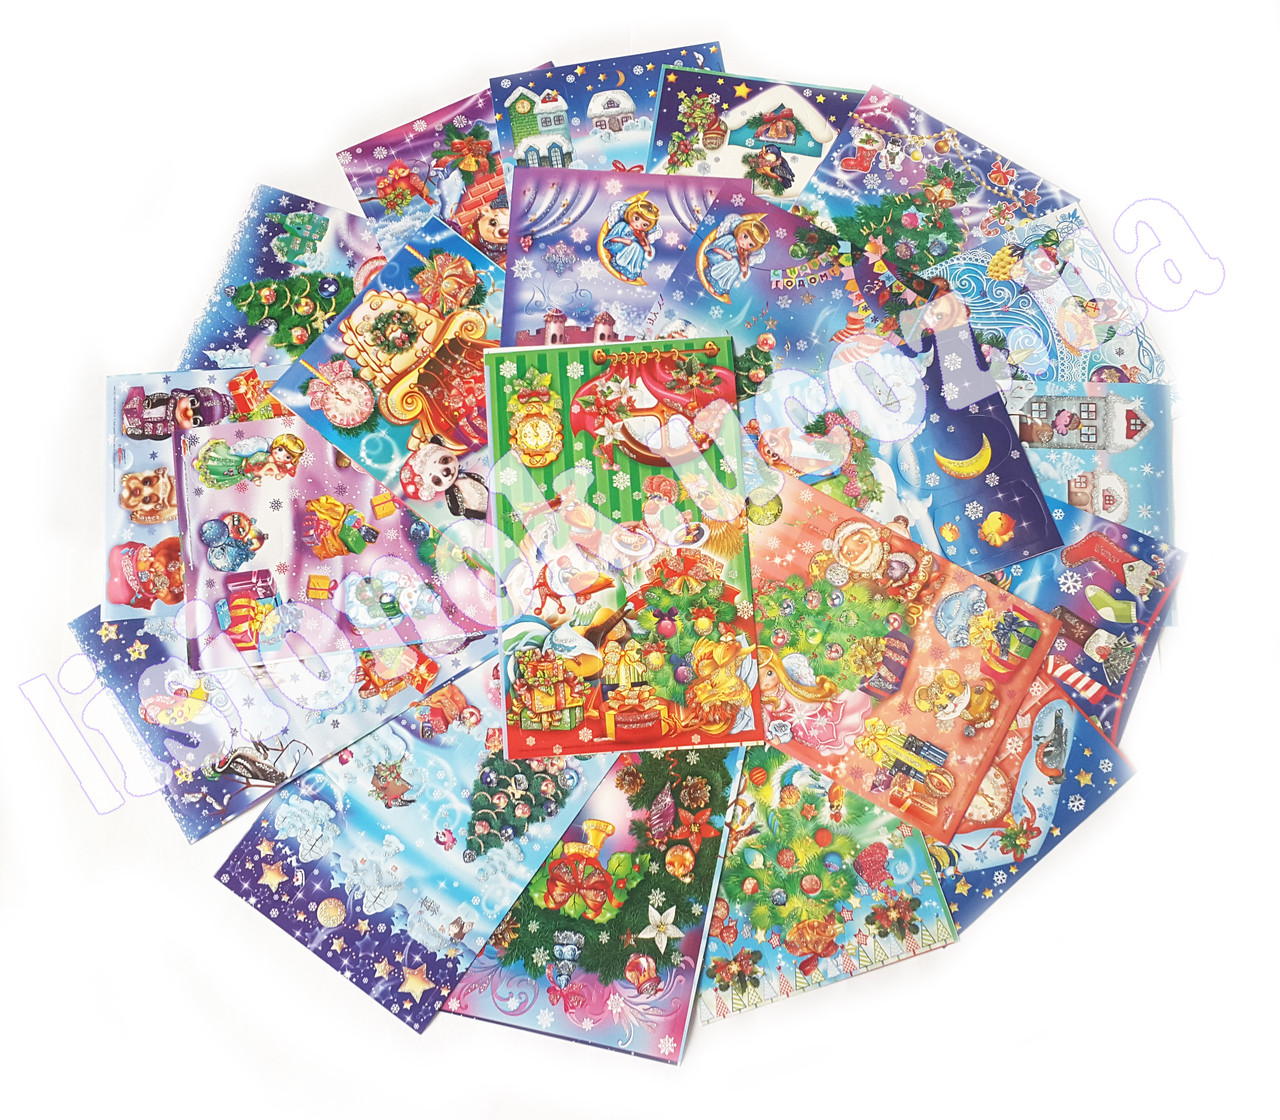 Новогодние фигурные цветные наклейки на глянцевой бумаге - 10 наклеек на листе